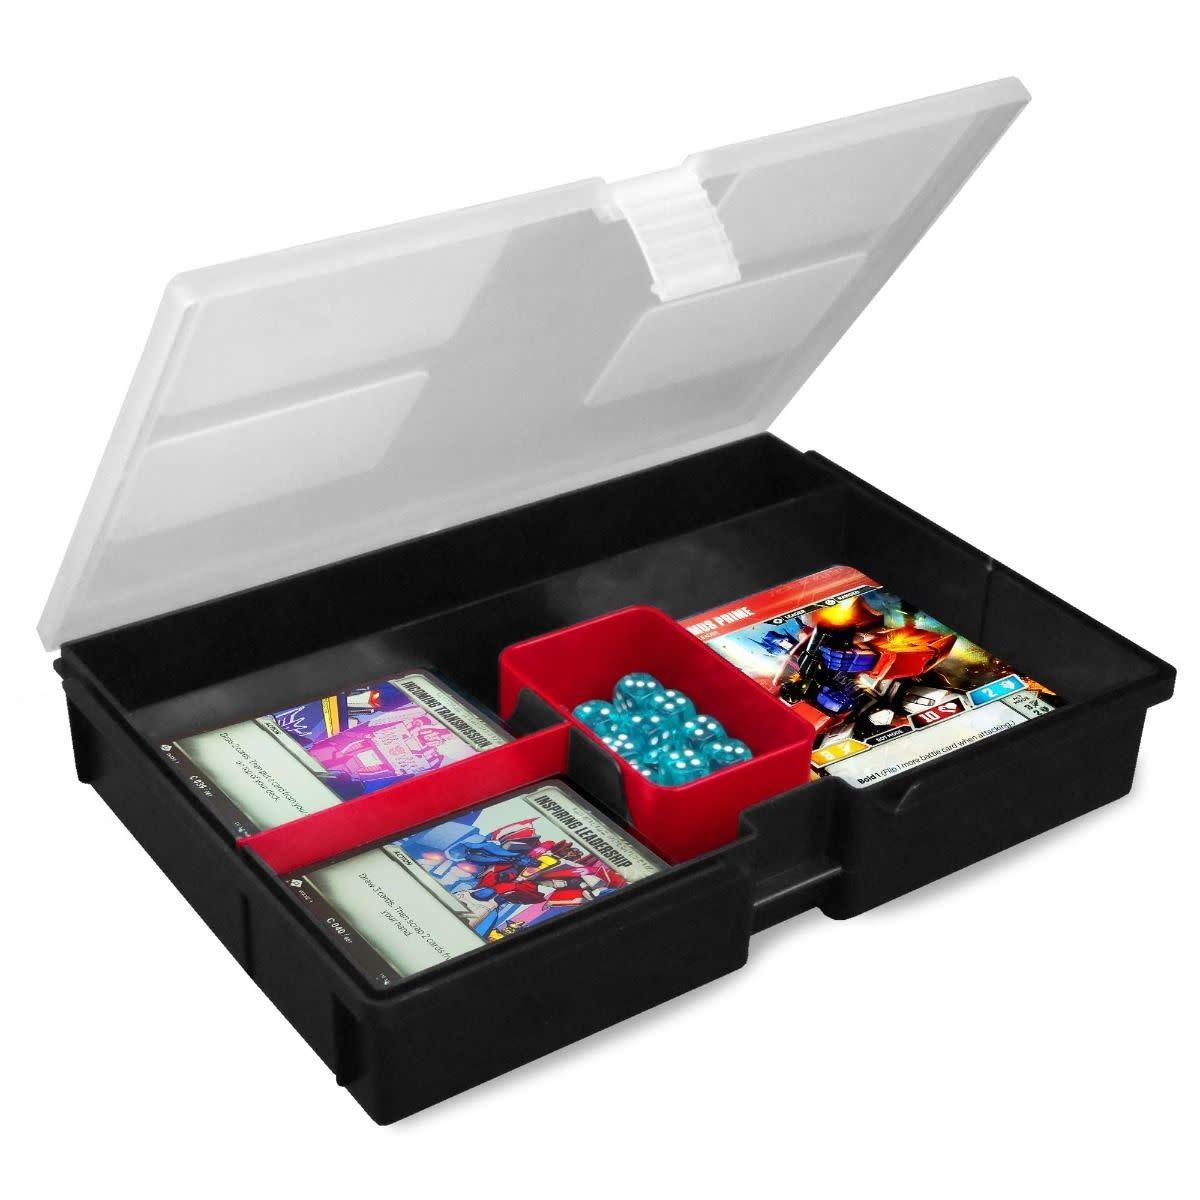 Deck Box: Prime X4 Gaming